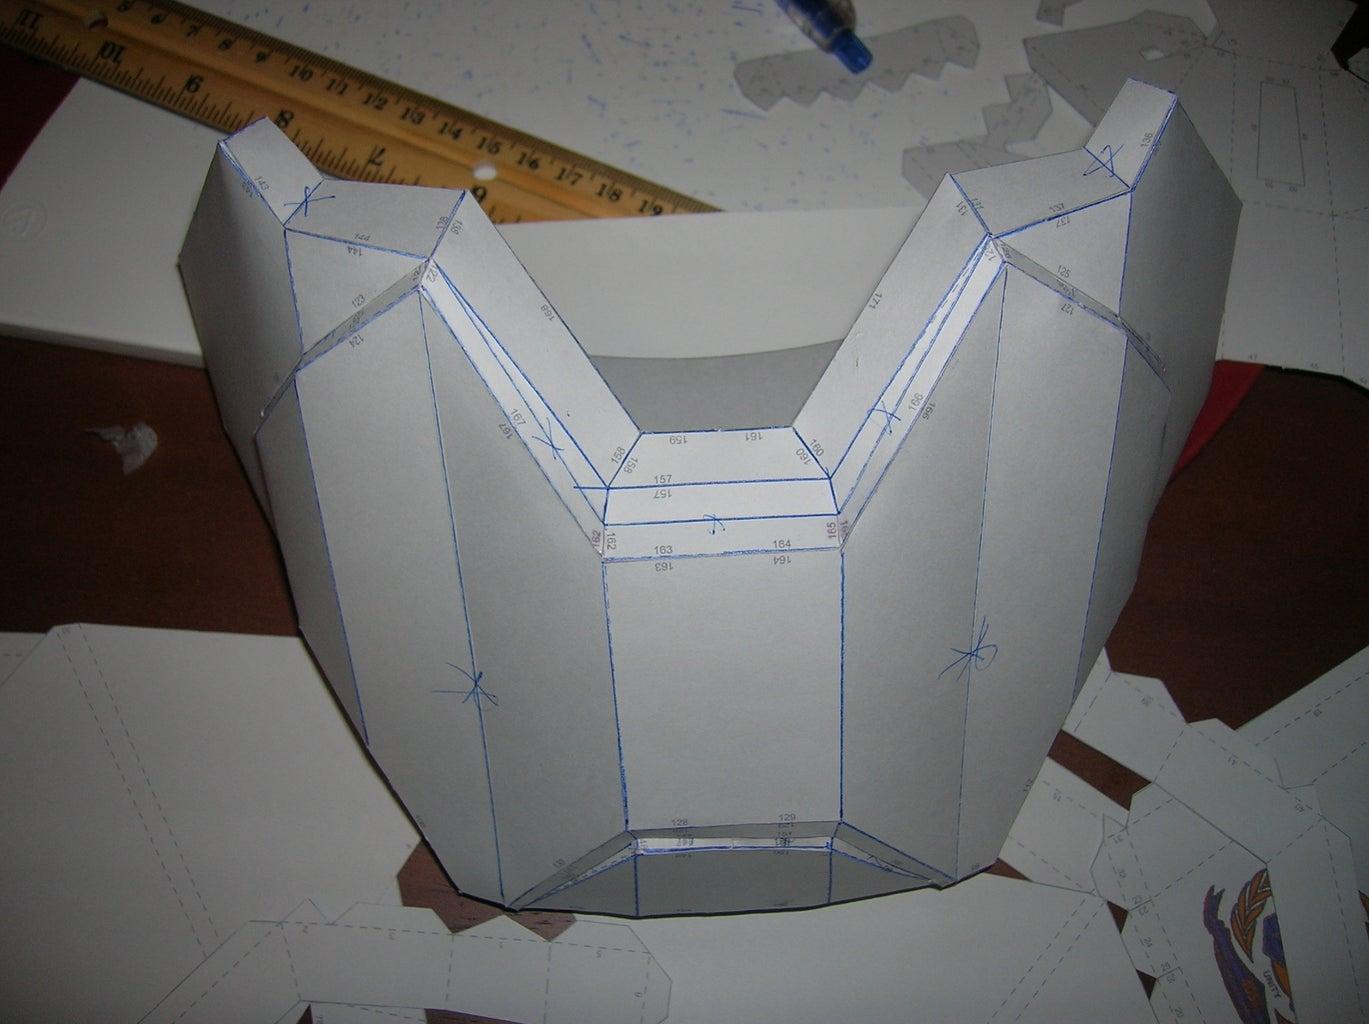 Scale and Pep: Print, Cut, Fold, Glue, Cut, Fold, Glue, Cut...